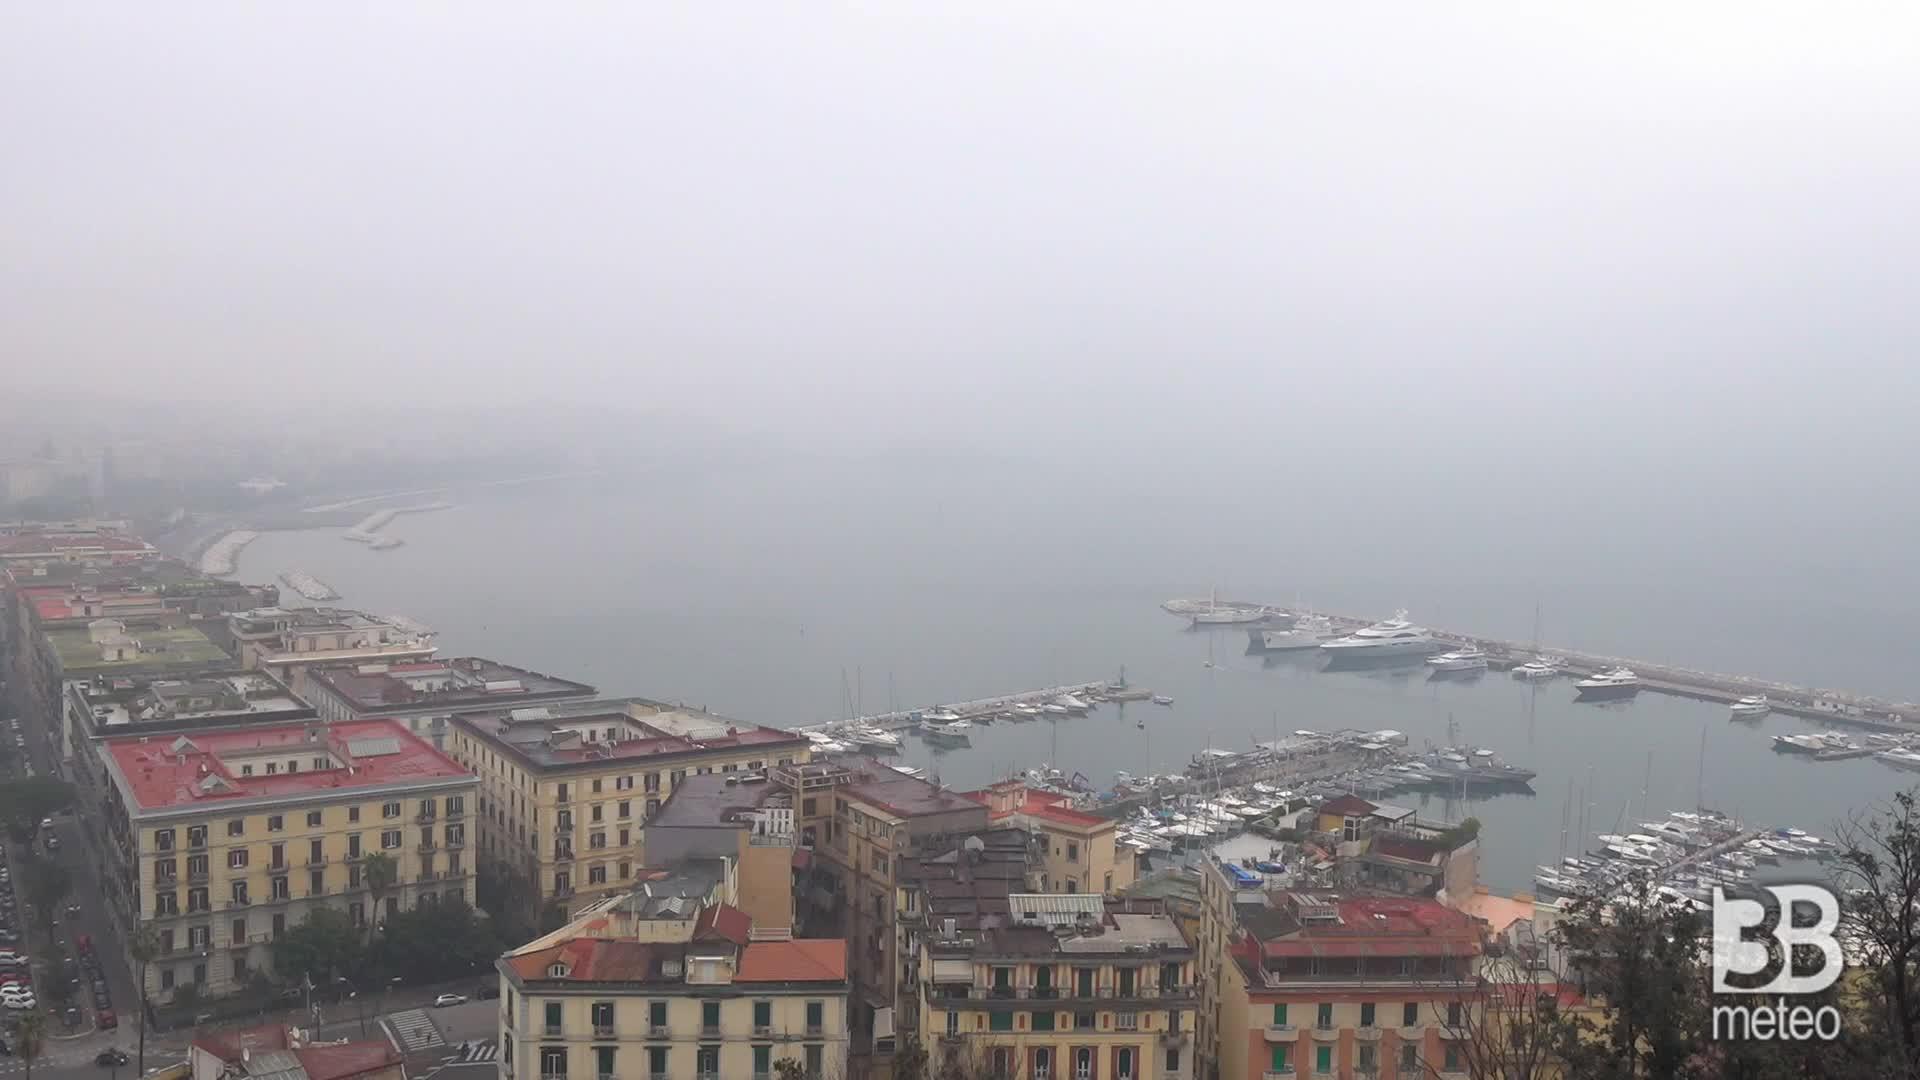 Napoli si risveglia nella nebbia: la citt? sparisce alla vista